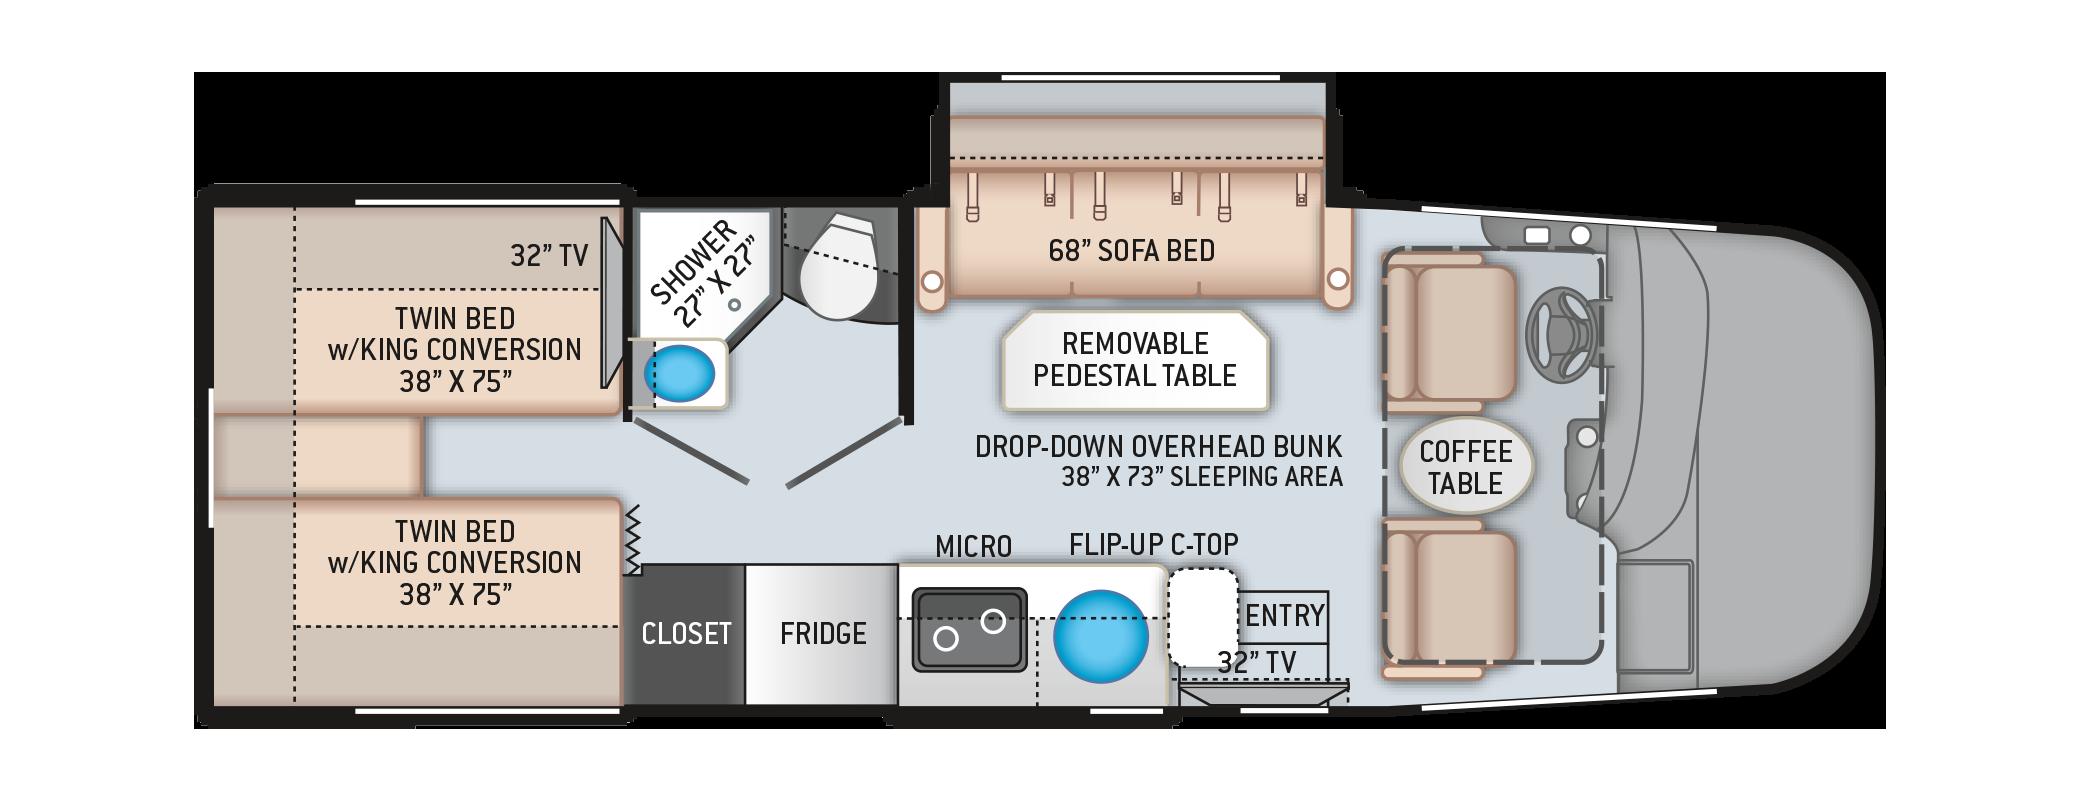 Vegas RUV Class A Motorhome 24.1 Floor Plan